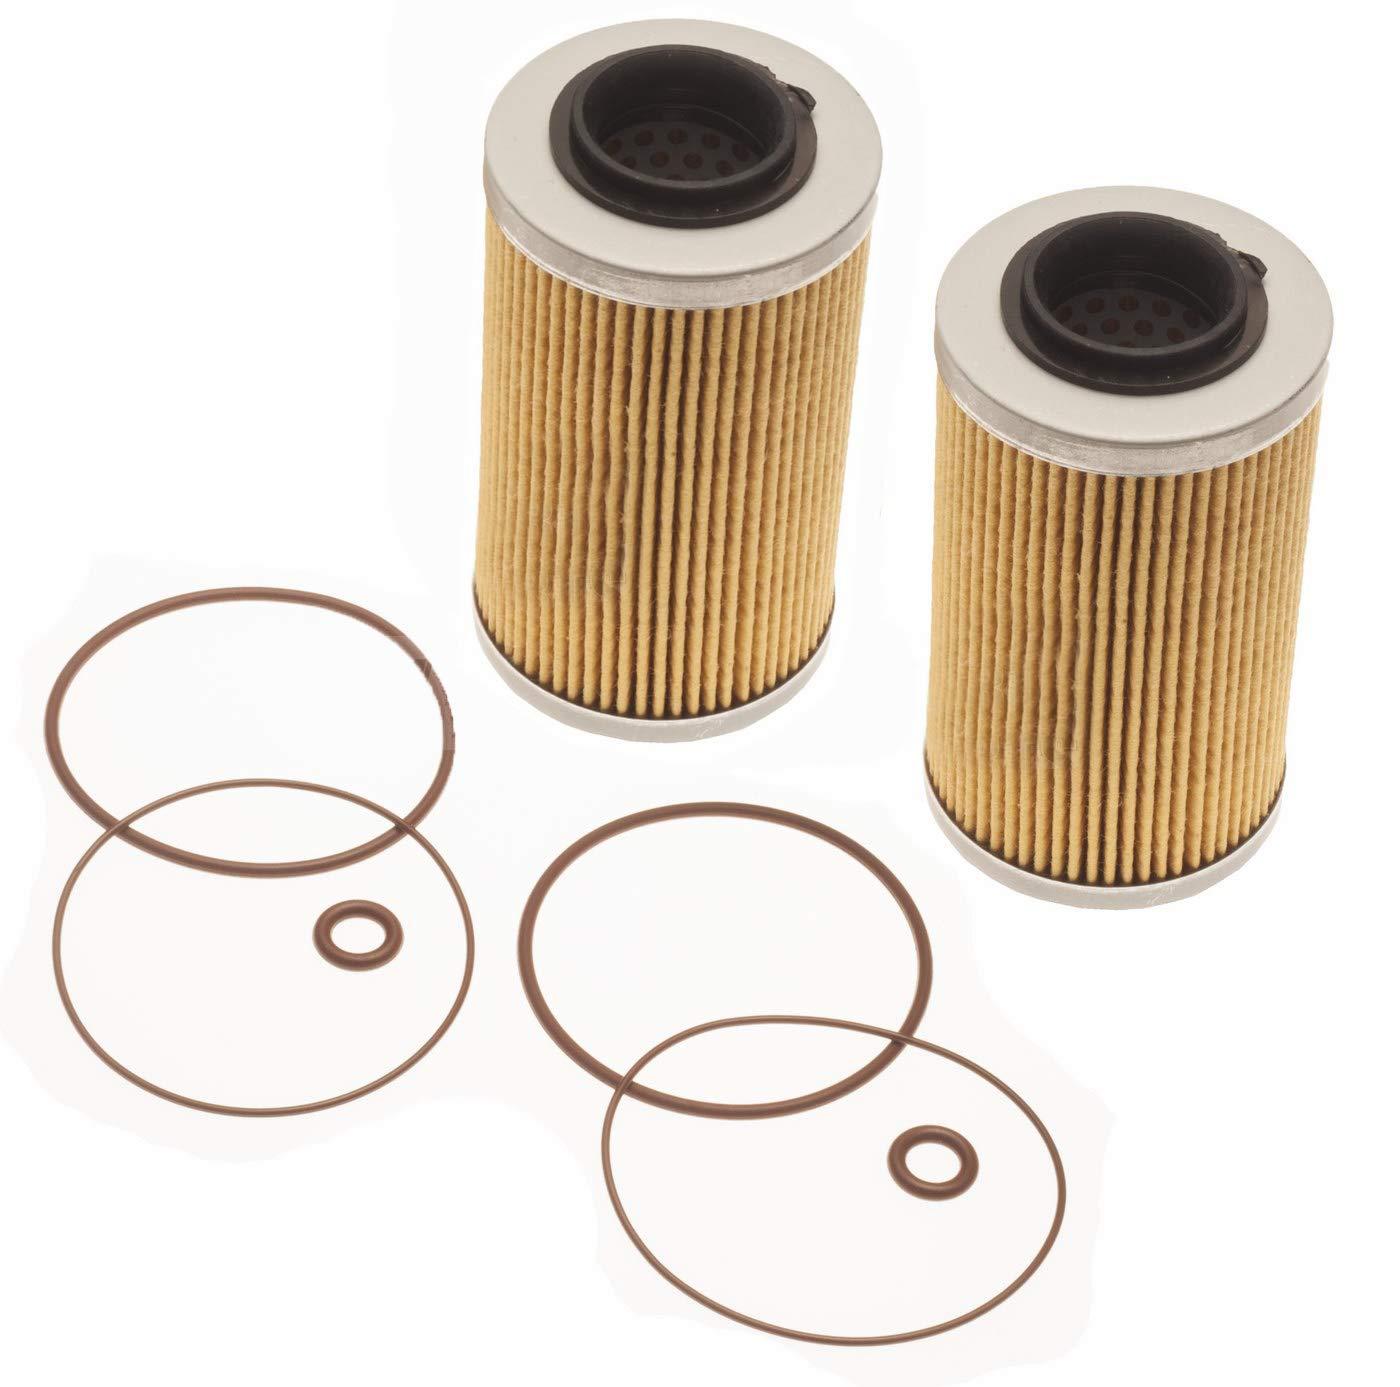 Sea Doo Oil Filter & O-Ring Kit GTI GTS Se GTR GTX SC RXP RXT RXPX RXTX 2-Pack by Titan Performance